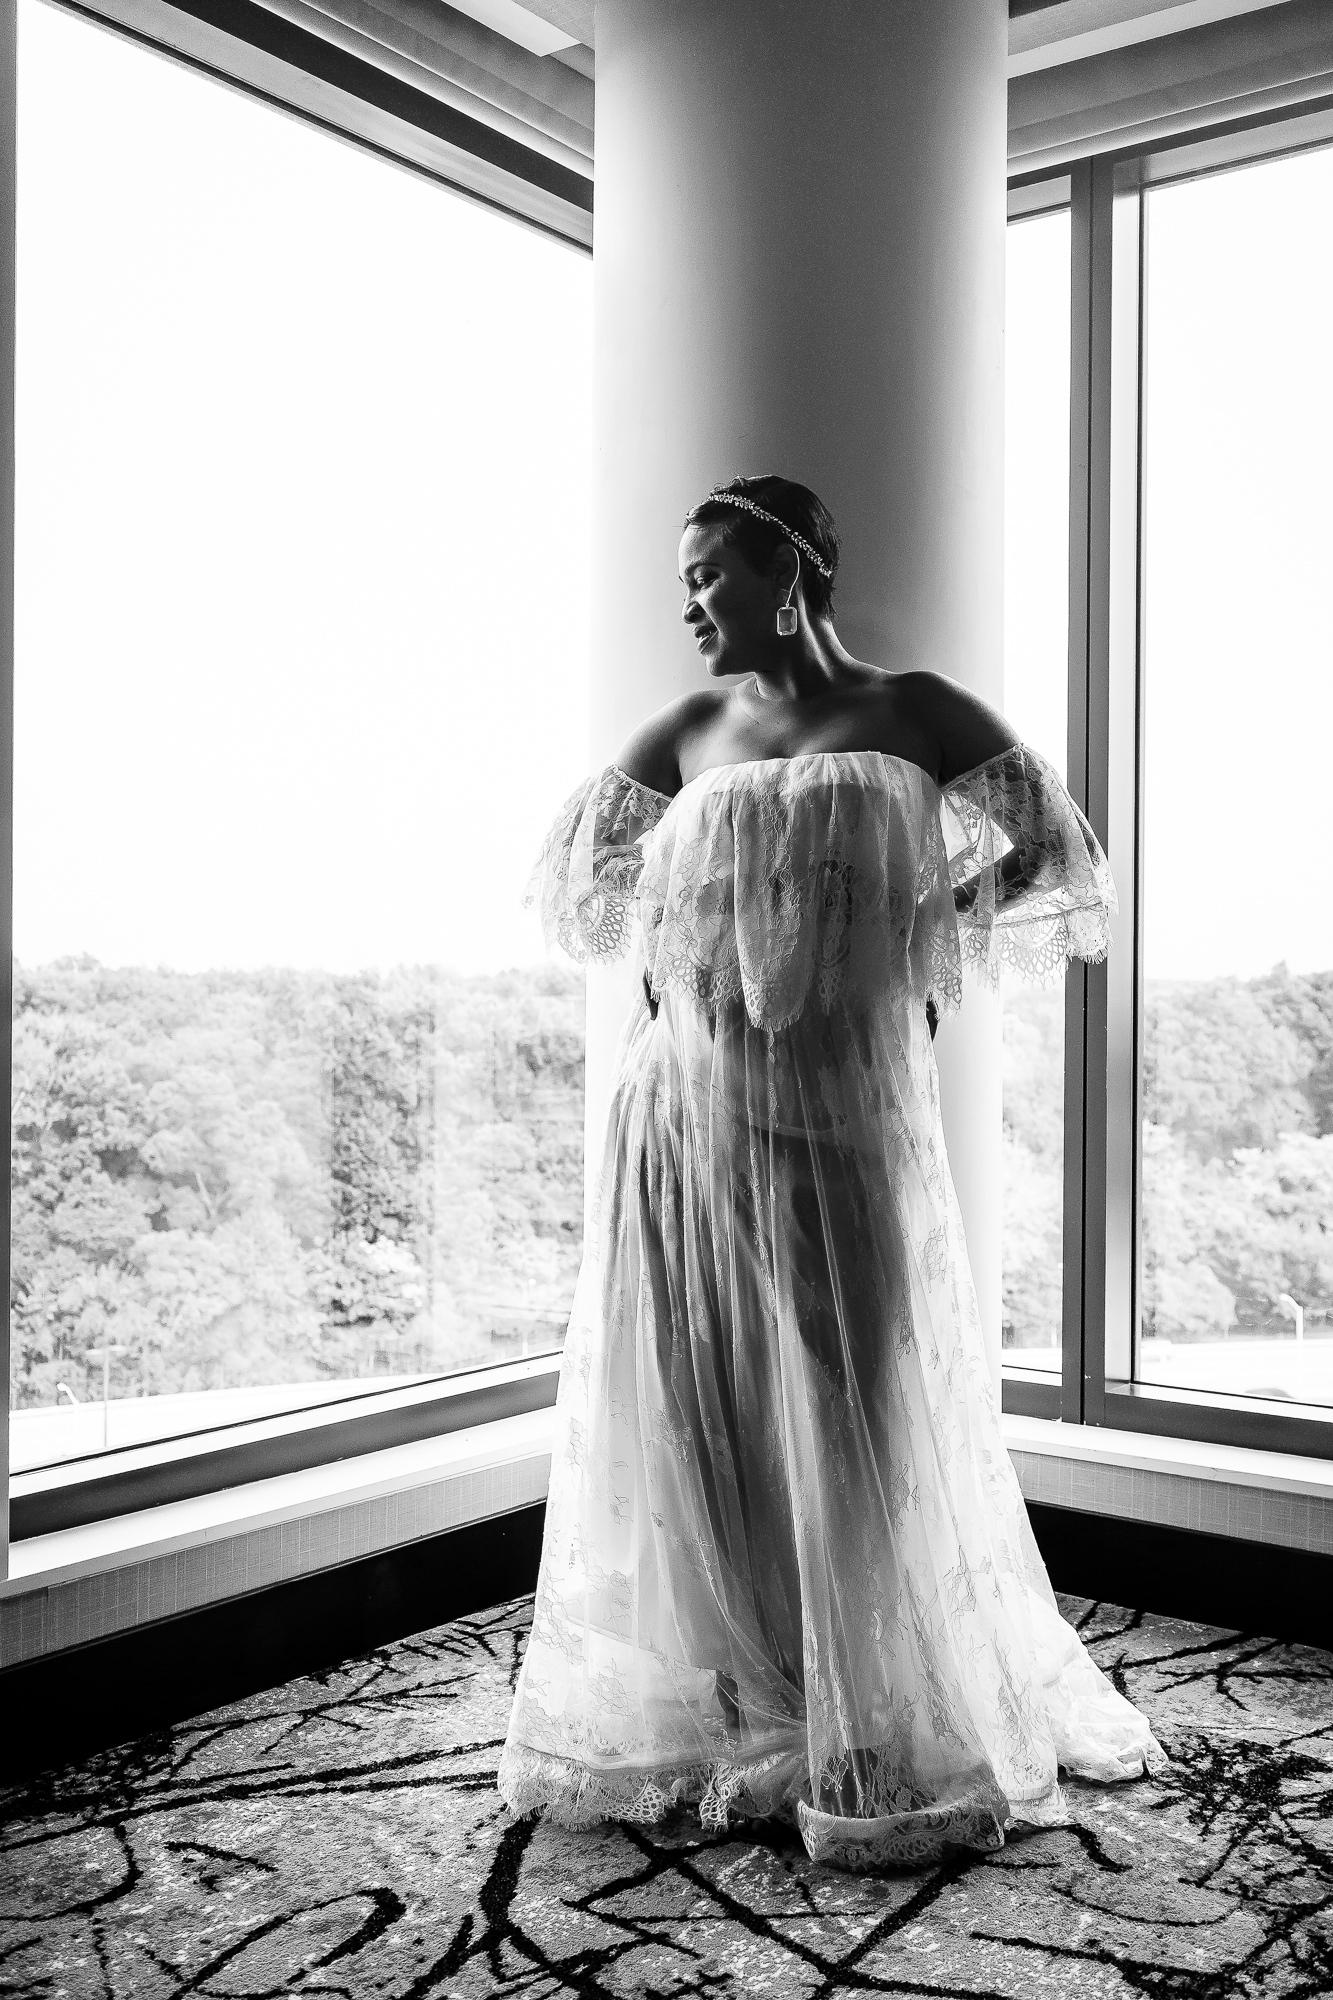 015-015-christopher-jason-studios-university-of-maryland-wedding-raheem-Devaughn-african-american-bride-and-groom.jpg